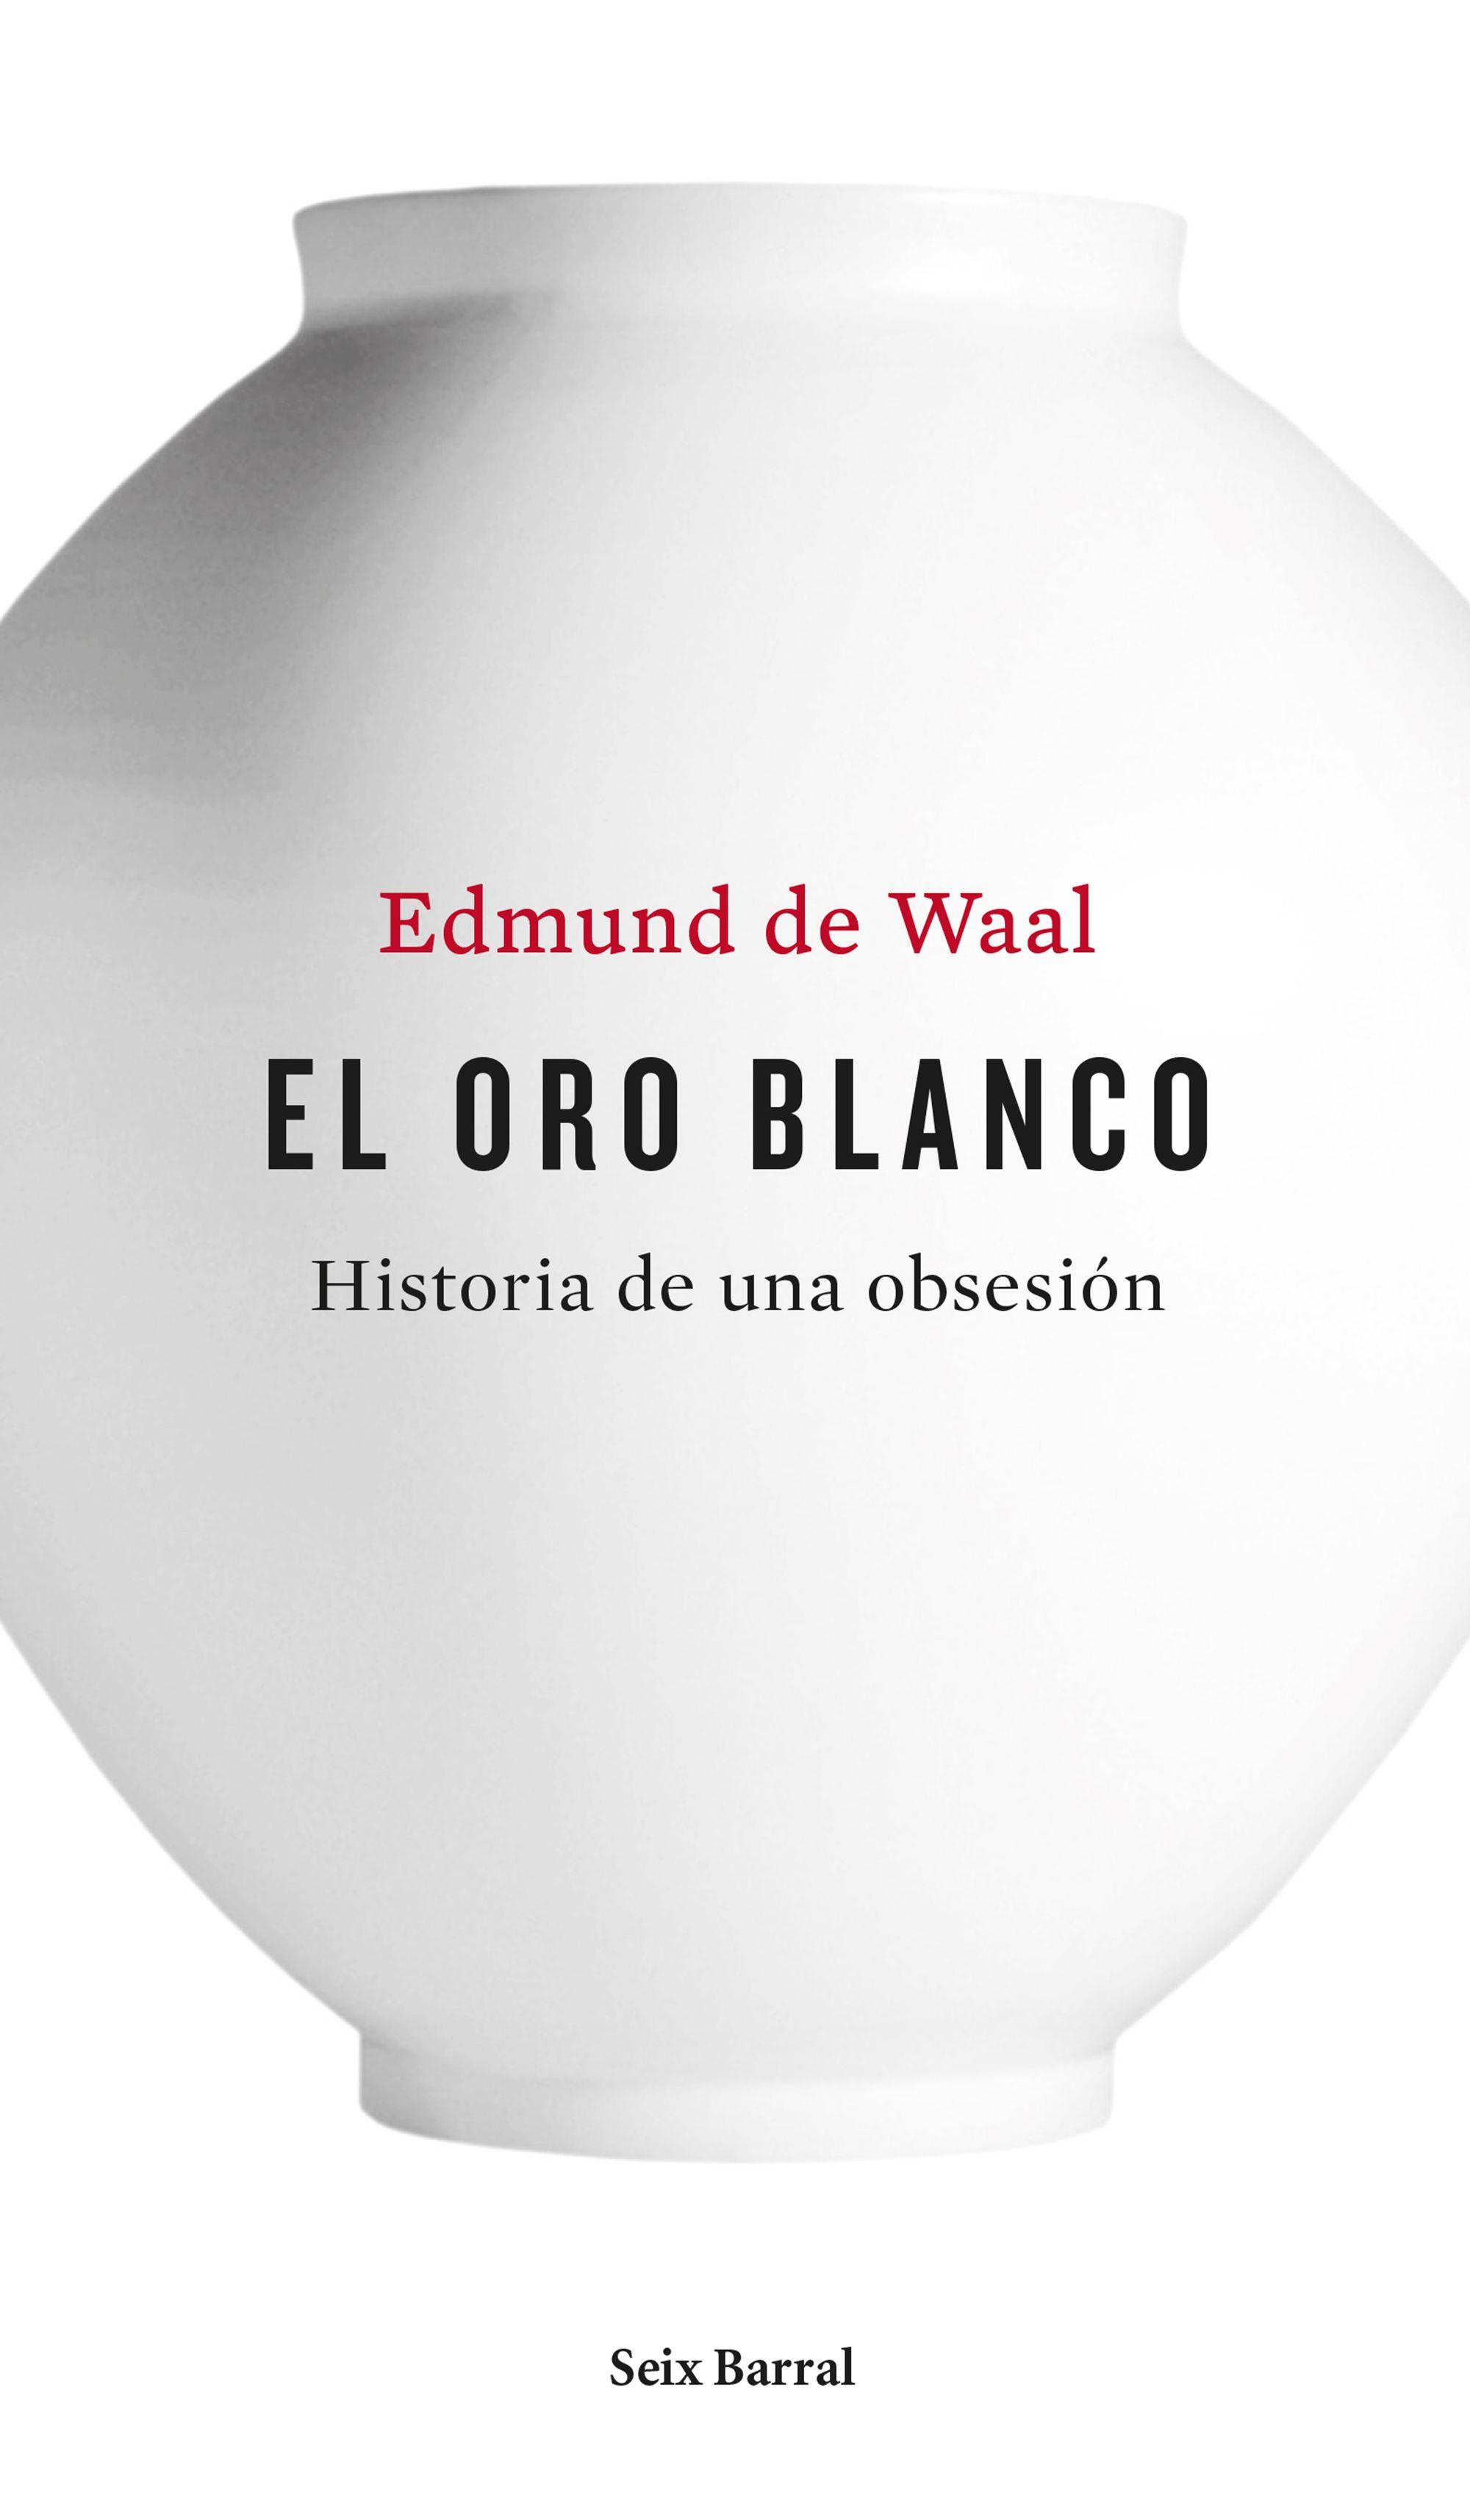 EL ORO BLANCO – Edmund de Waal